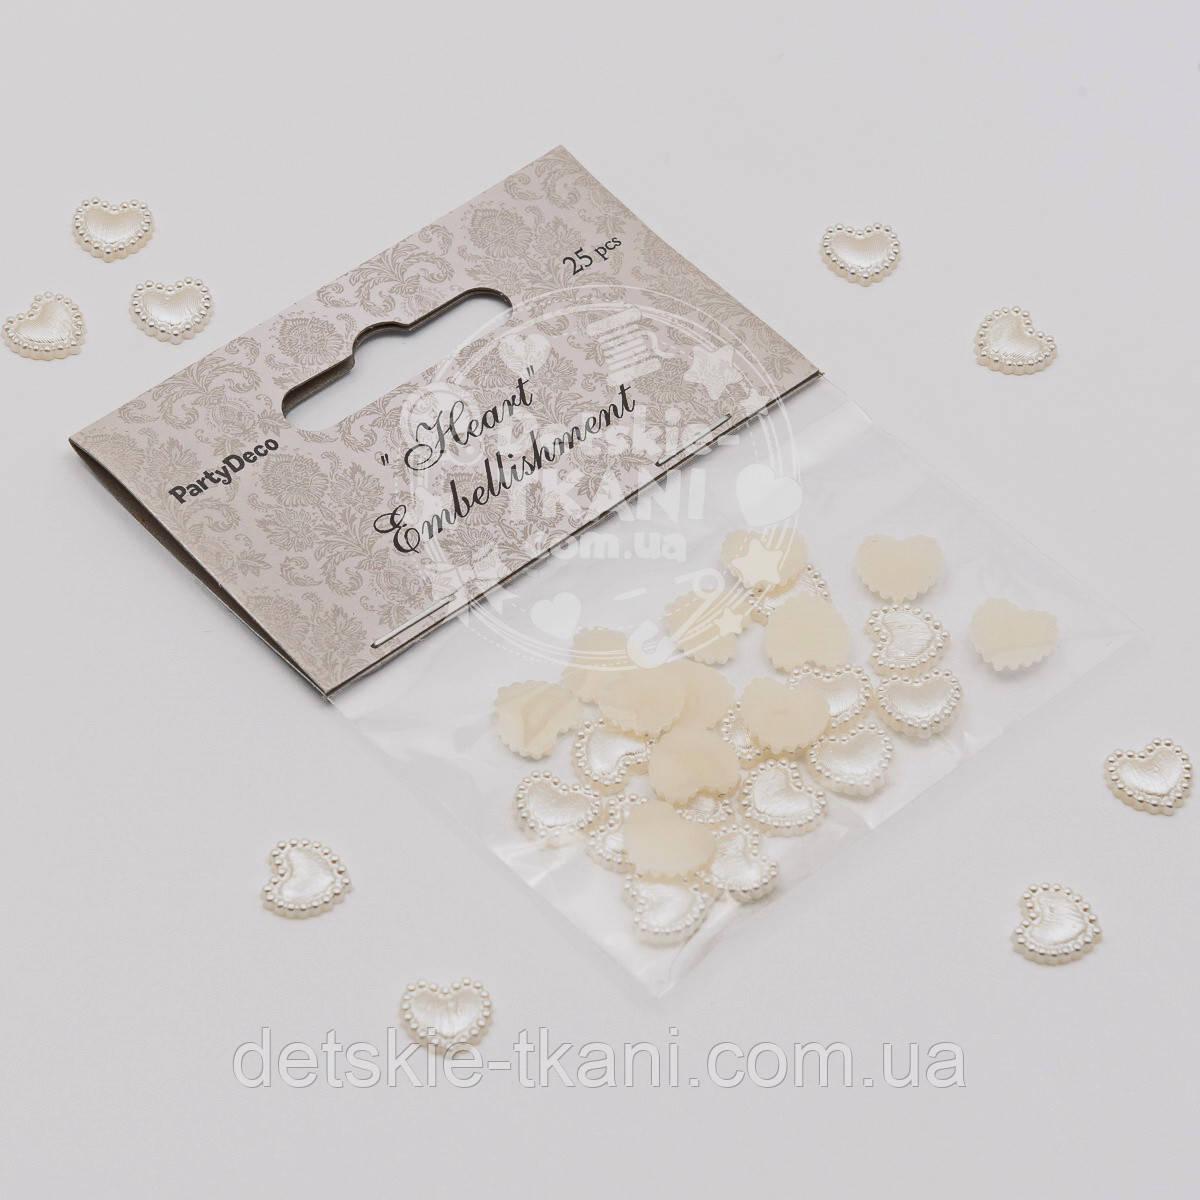 """Набор декора для рукоделия """"Перламутровые сердечки"""" размером 1 см (упаковка 25 шт)"""